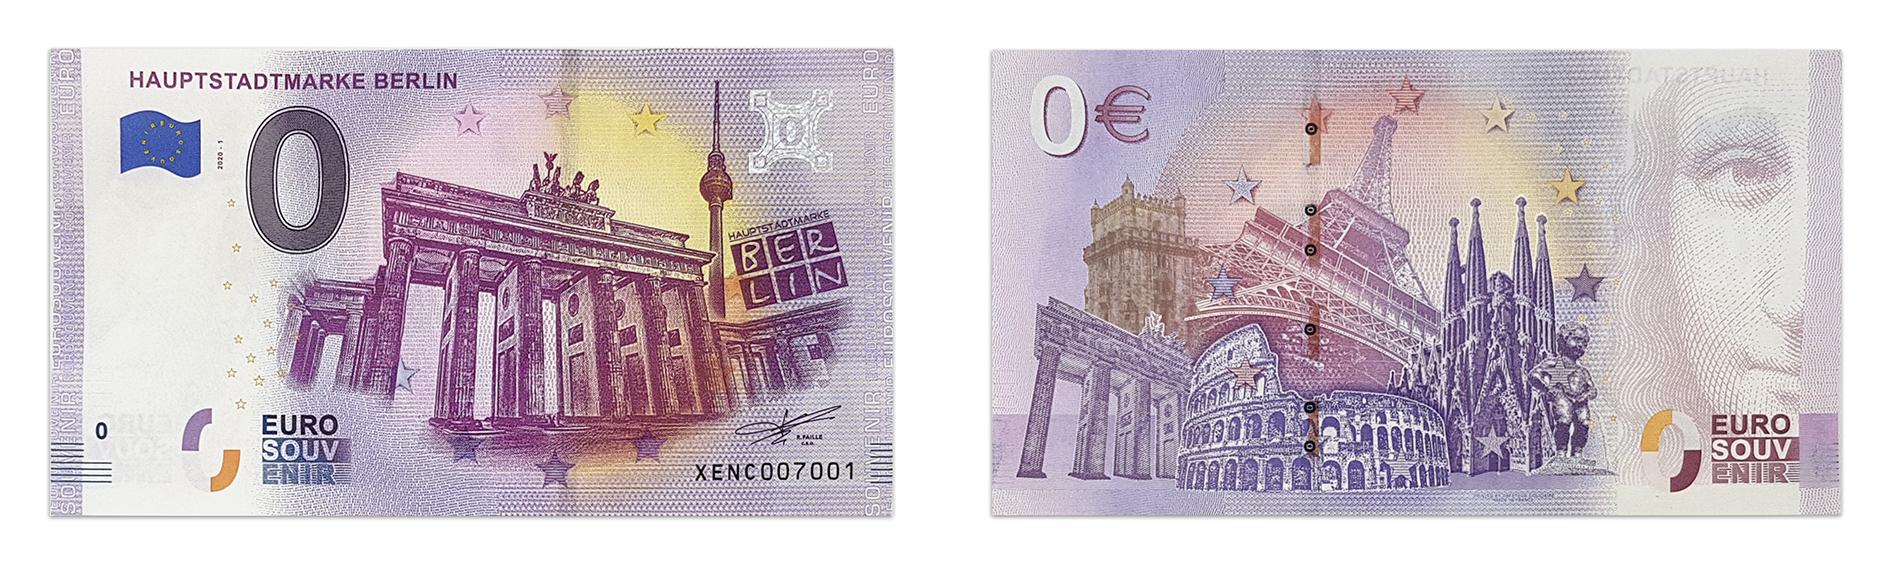 berlinA1.jpg